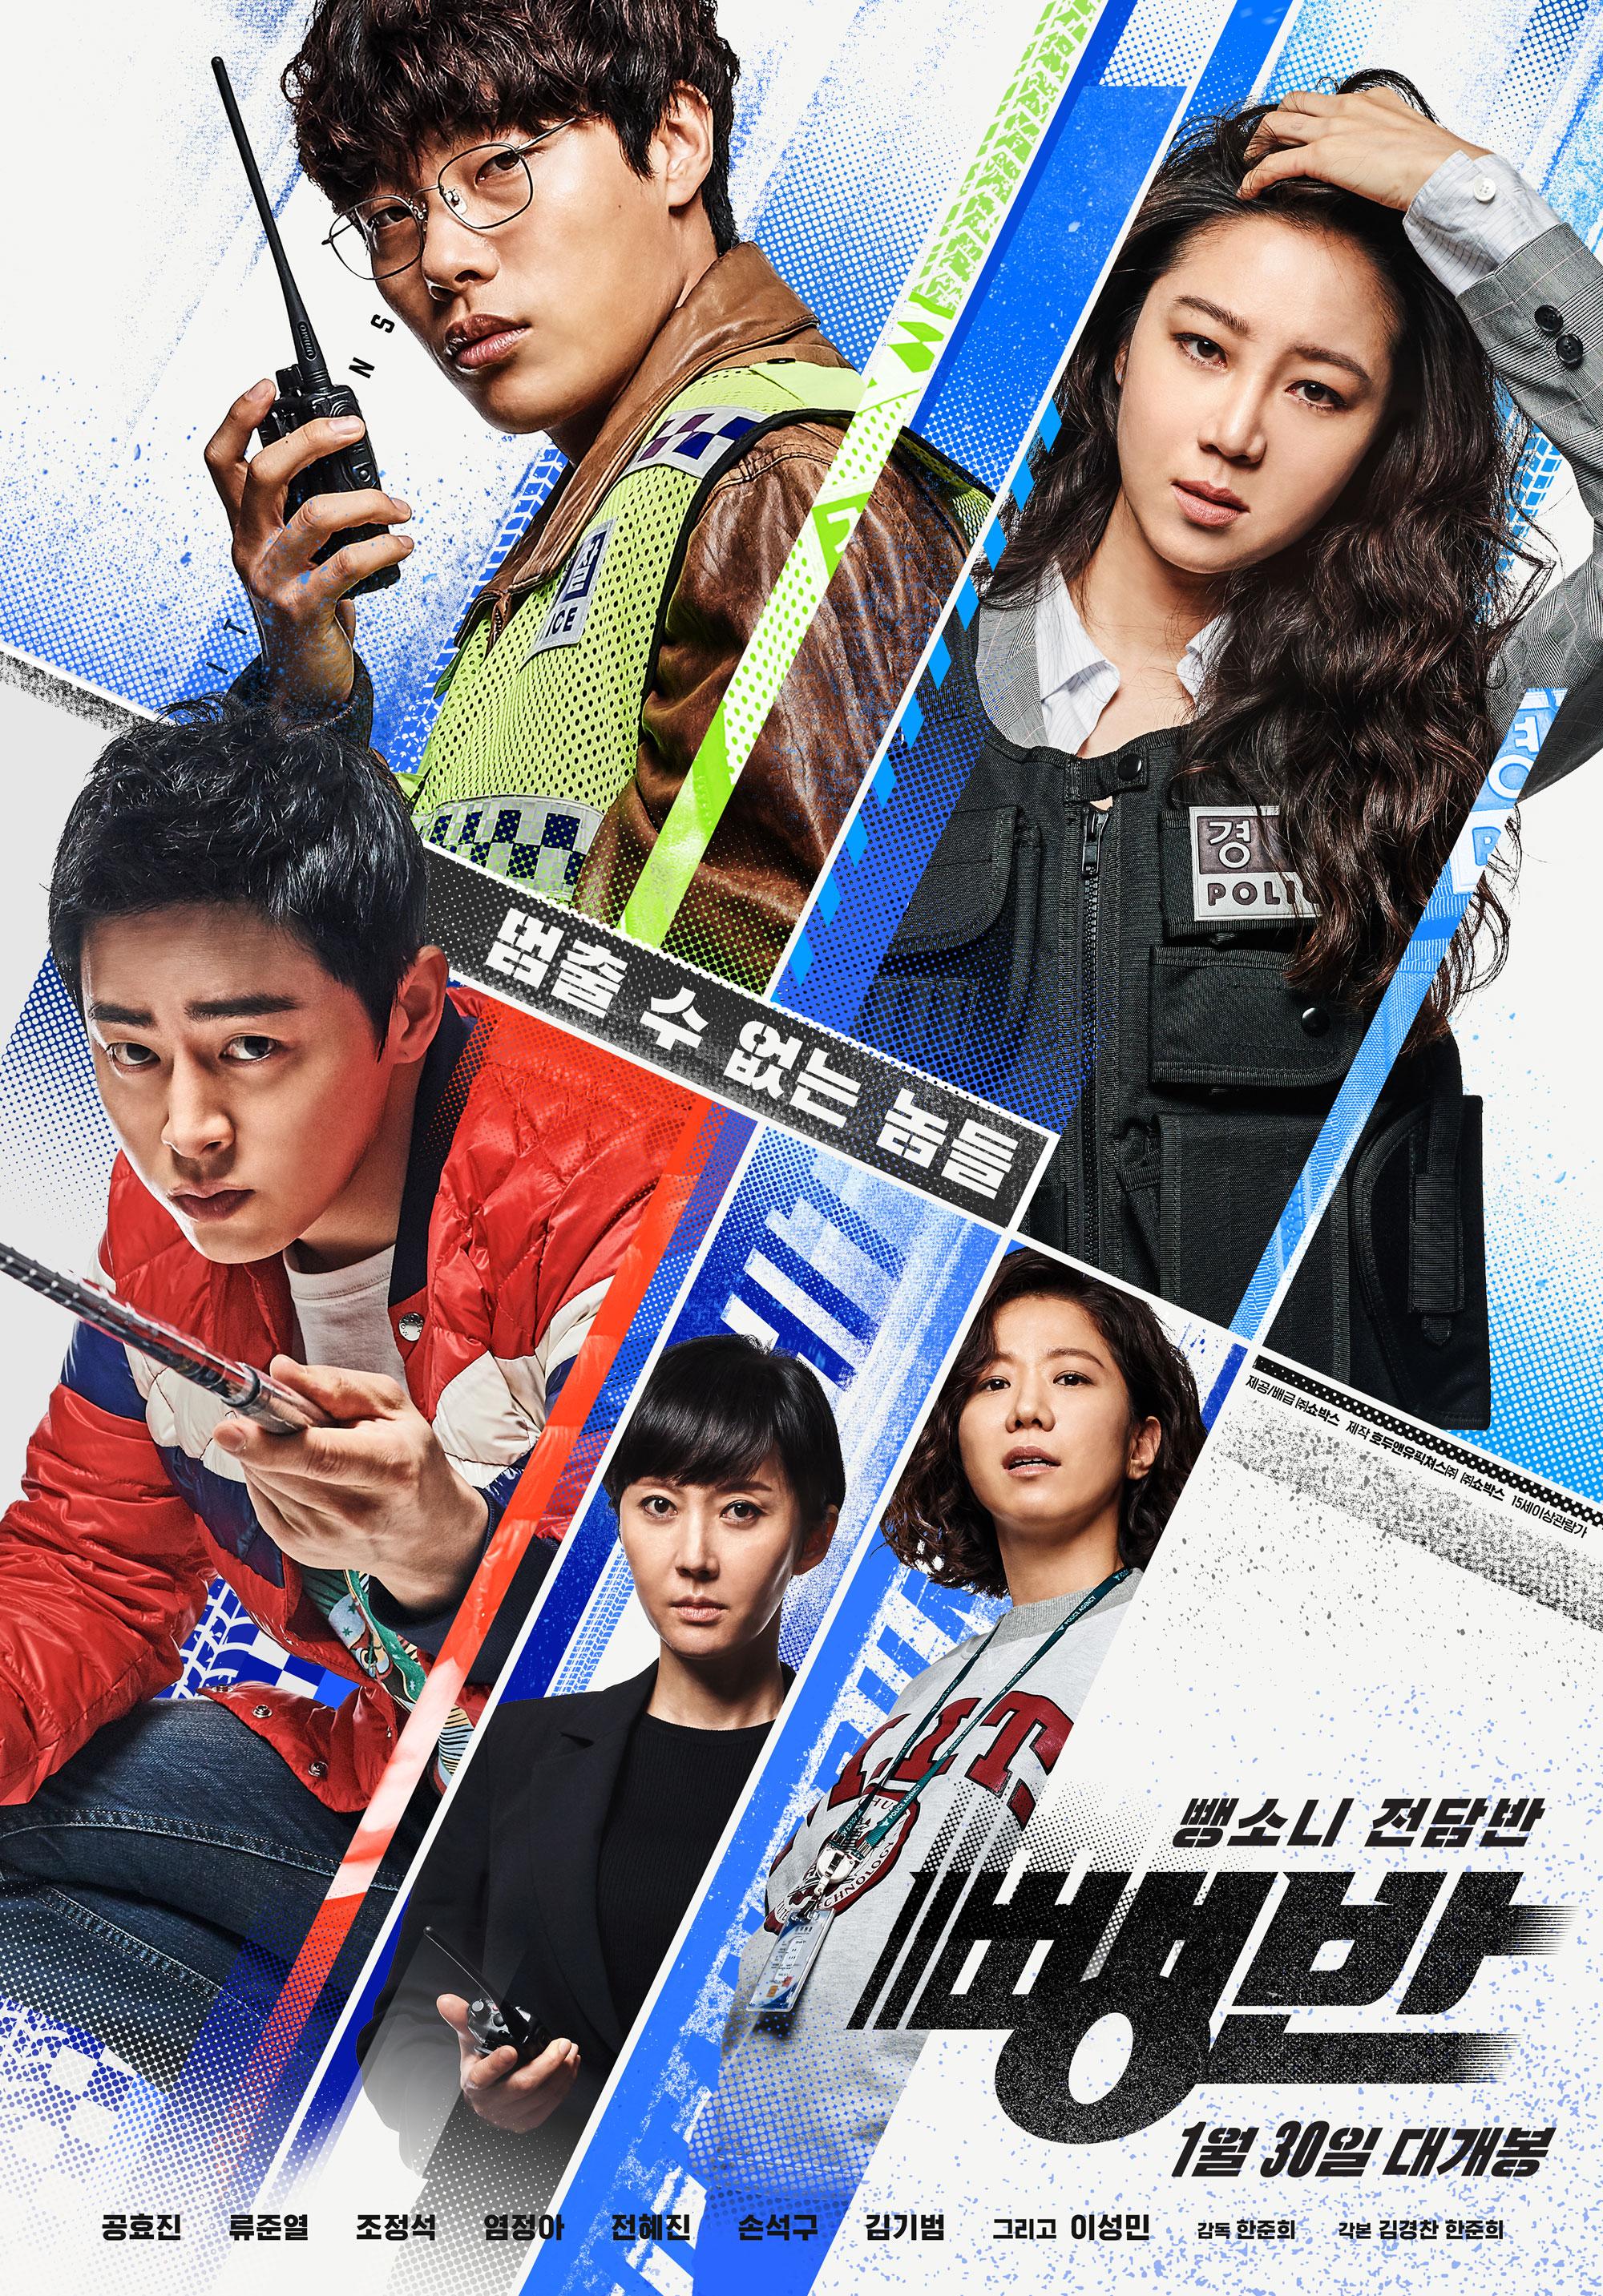 [영화 리뷰] 뺑반 Hit-and-Run Squad - 류준열 & ...